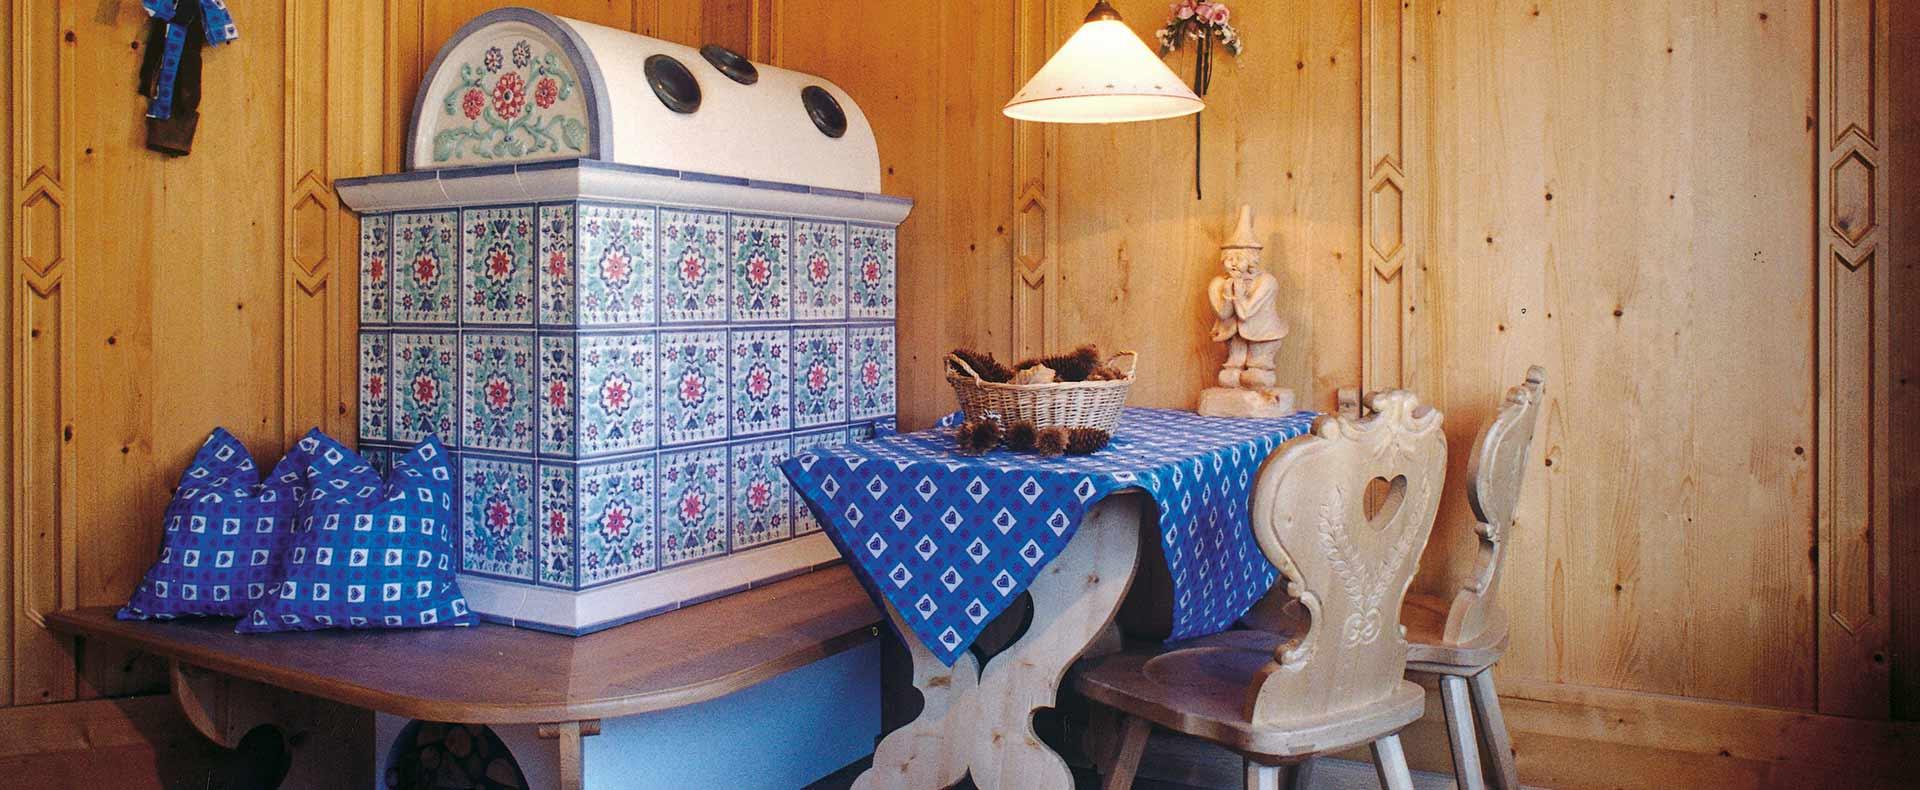 Stube Tirolese: arredamenti di interni in legno tradizionali ...